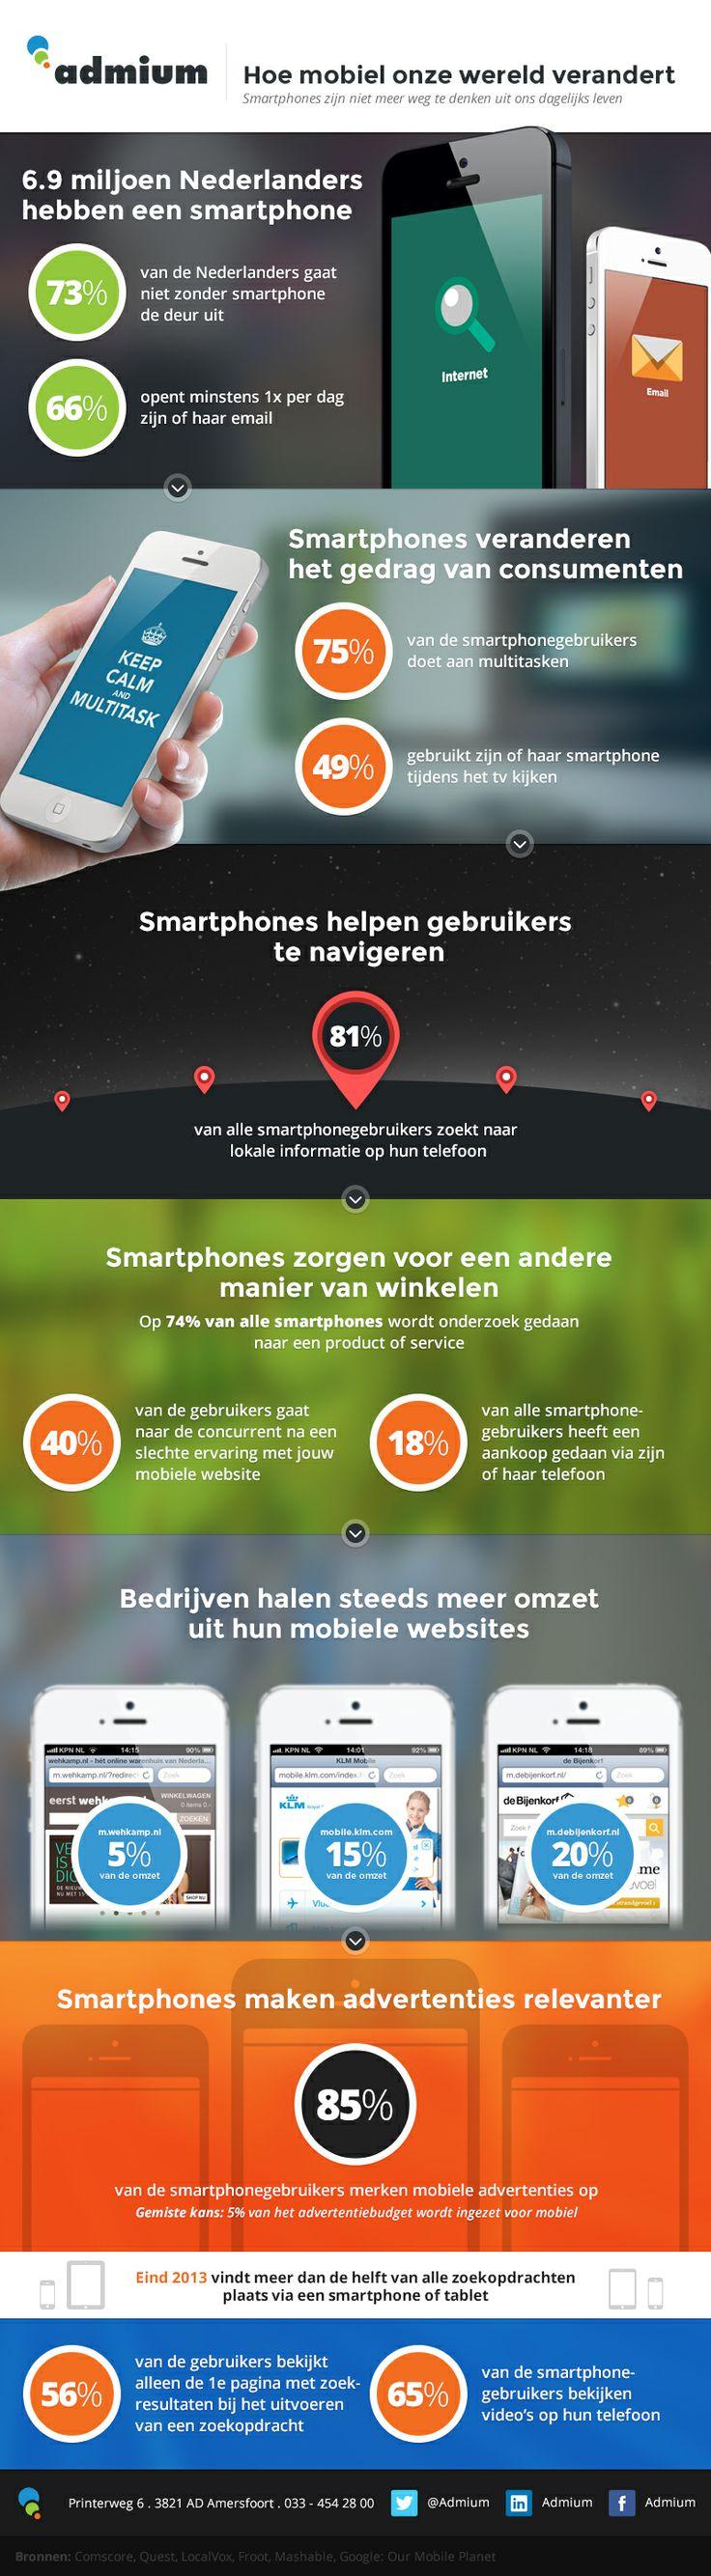 Nederland.smartphonegebruik